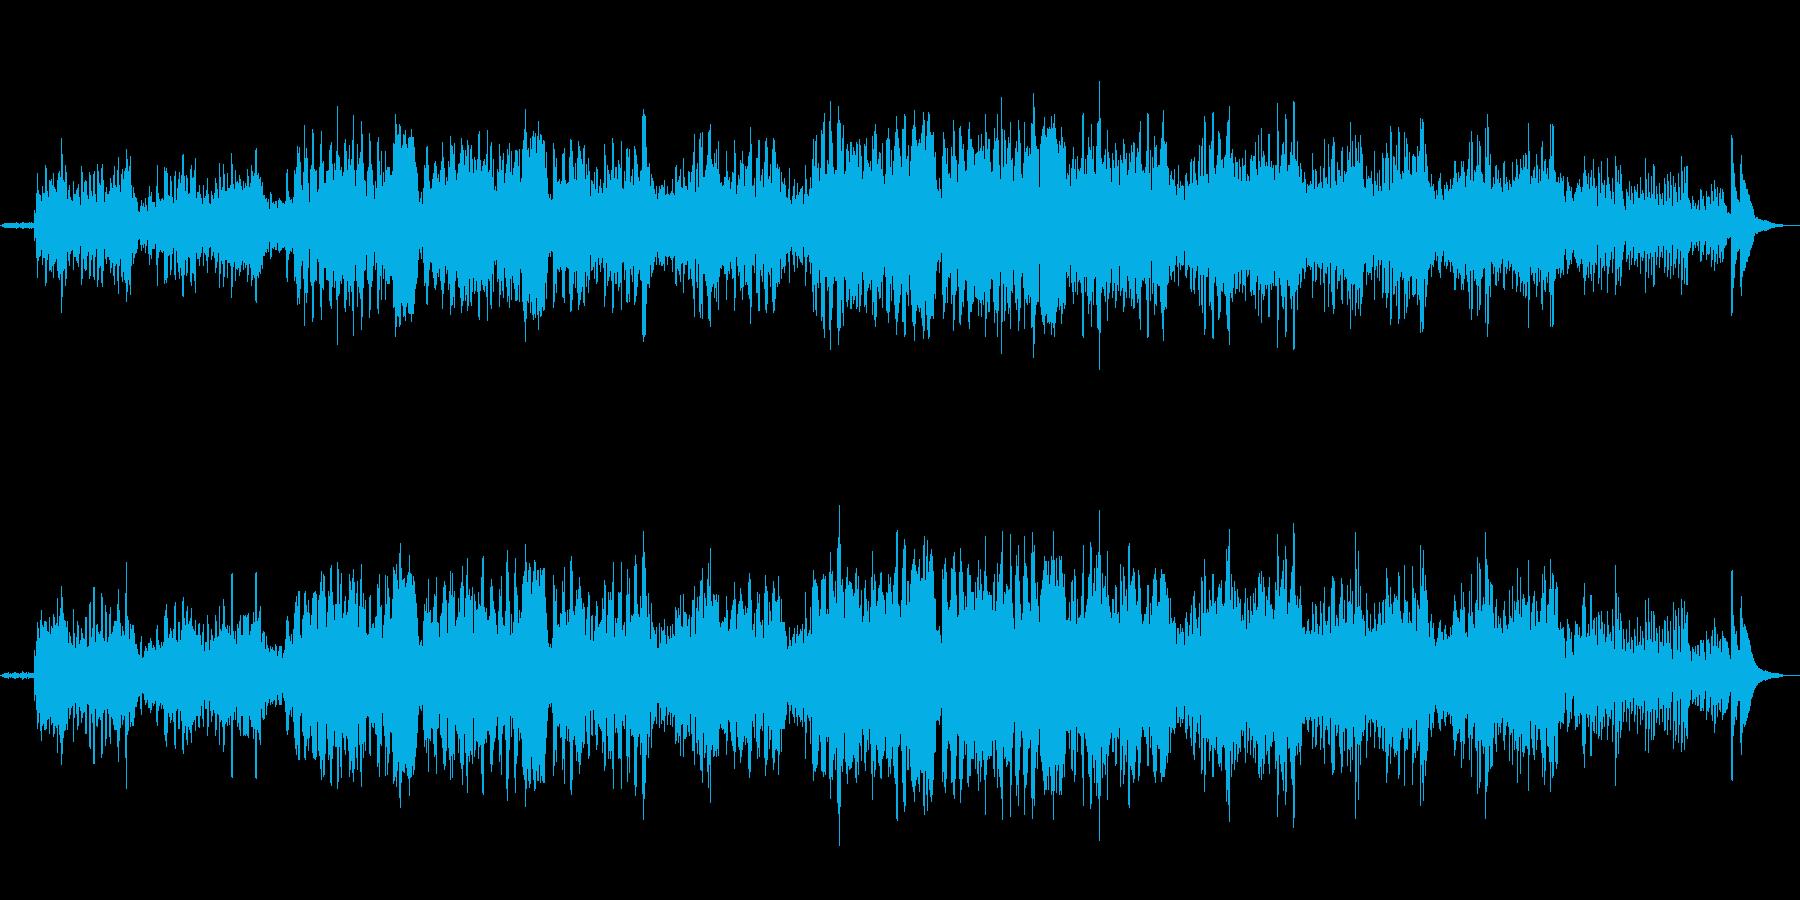 優しげで切ないイメージがするのフルート曲の再生済みの波形